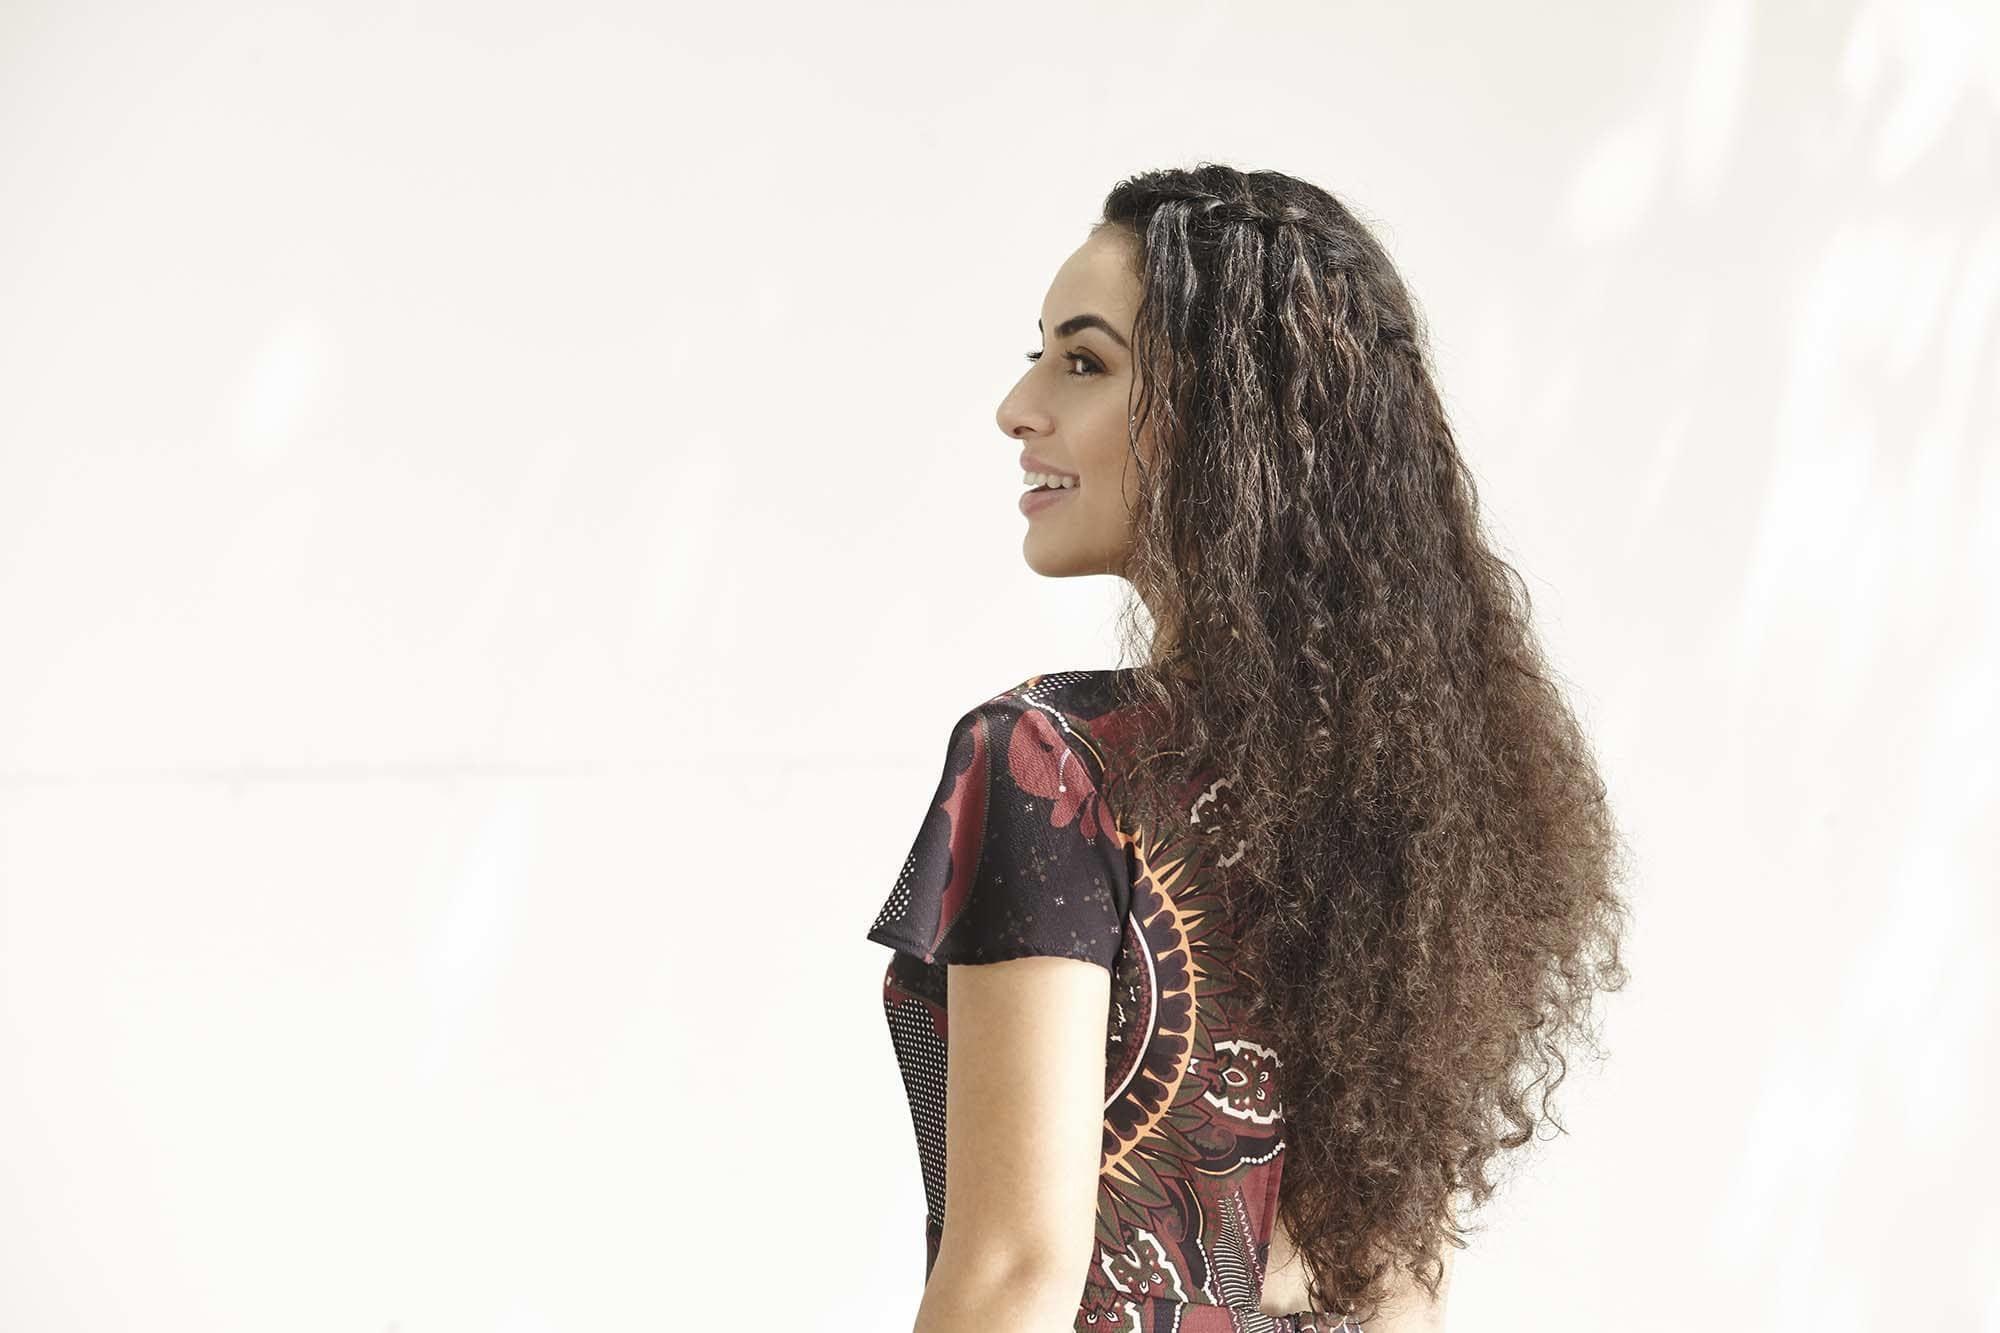 Modelo com corte de cabelo crespo longo